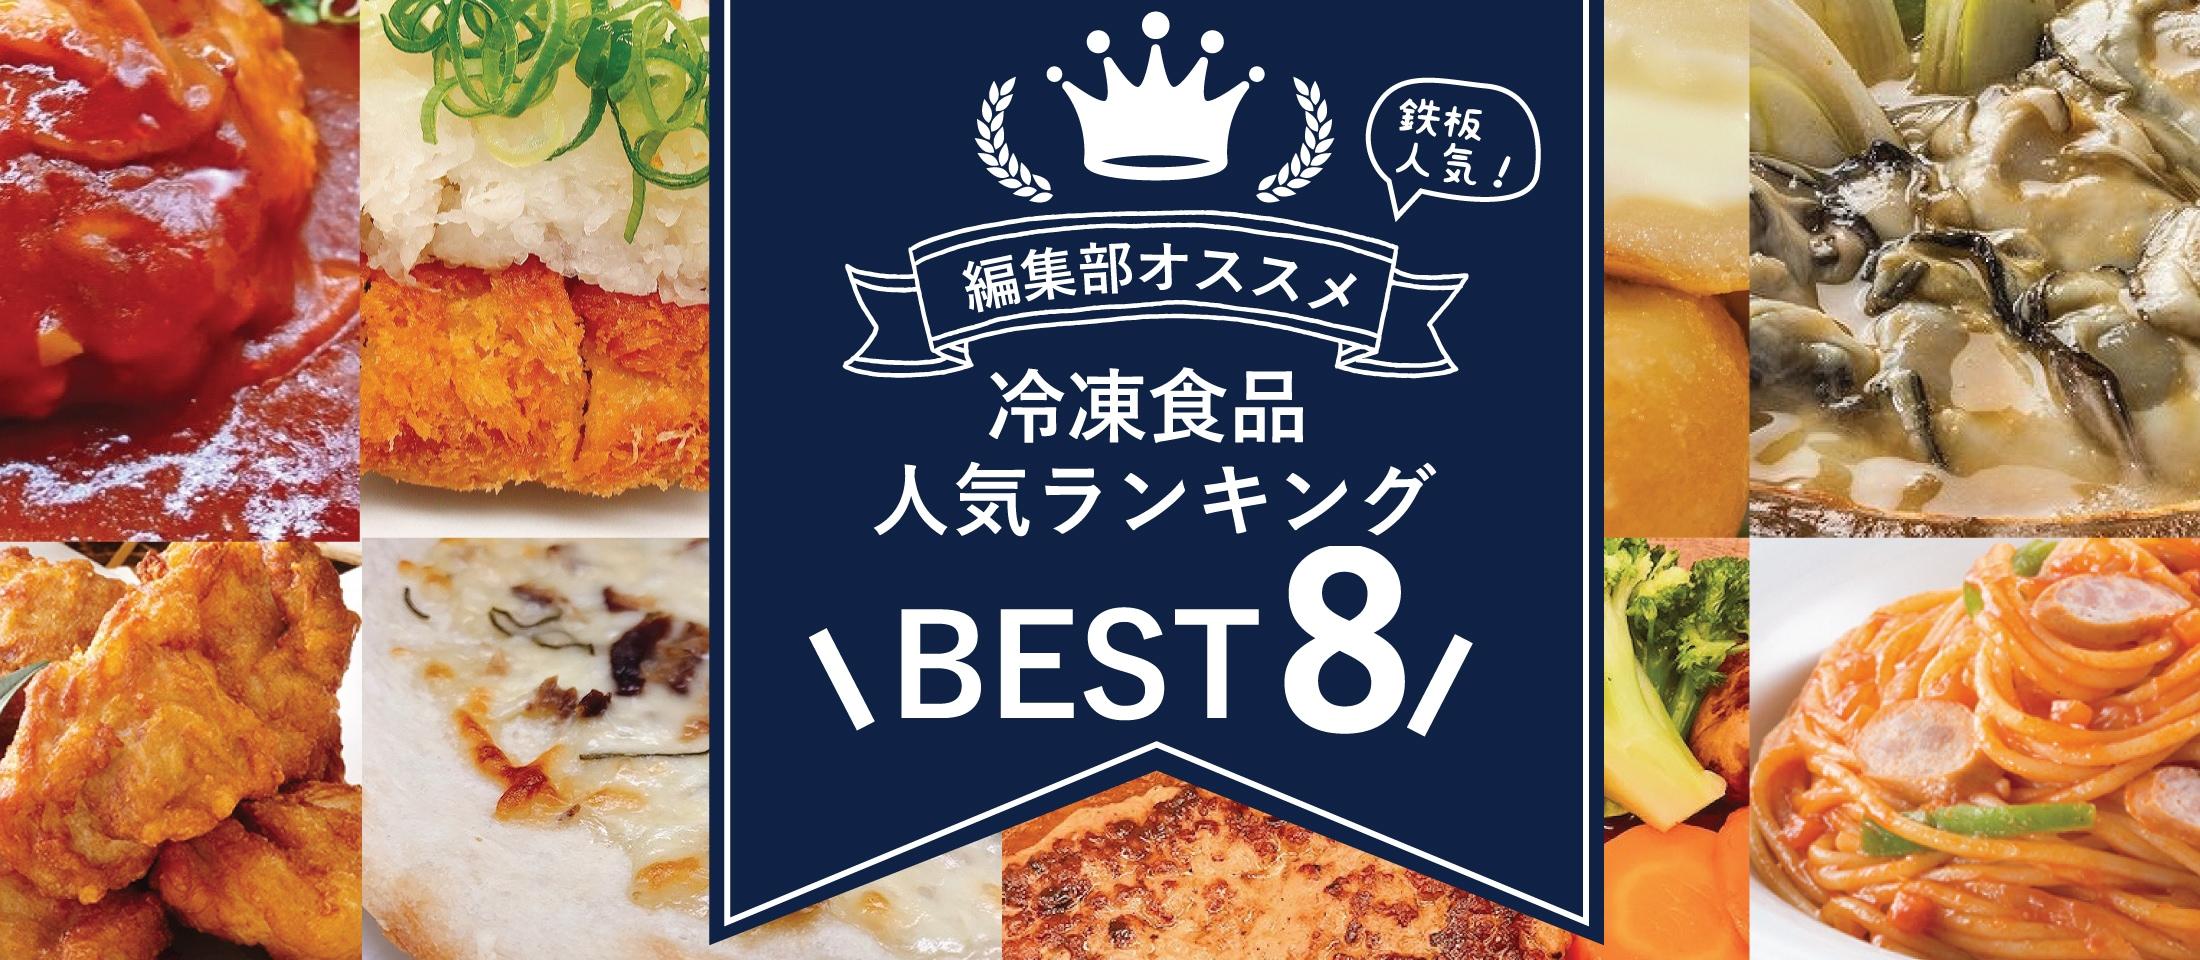 冷凍食品人気ランキング 2021 特集  業務用食品・冷凍食品の通販 |ナカヤマフーズ